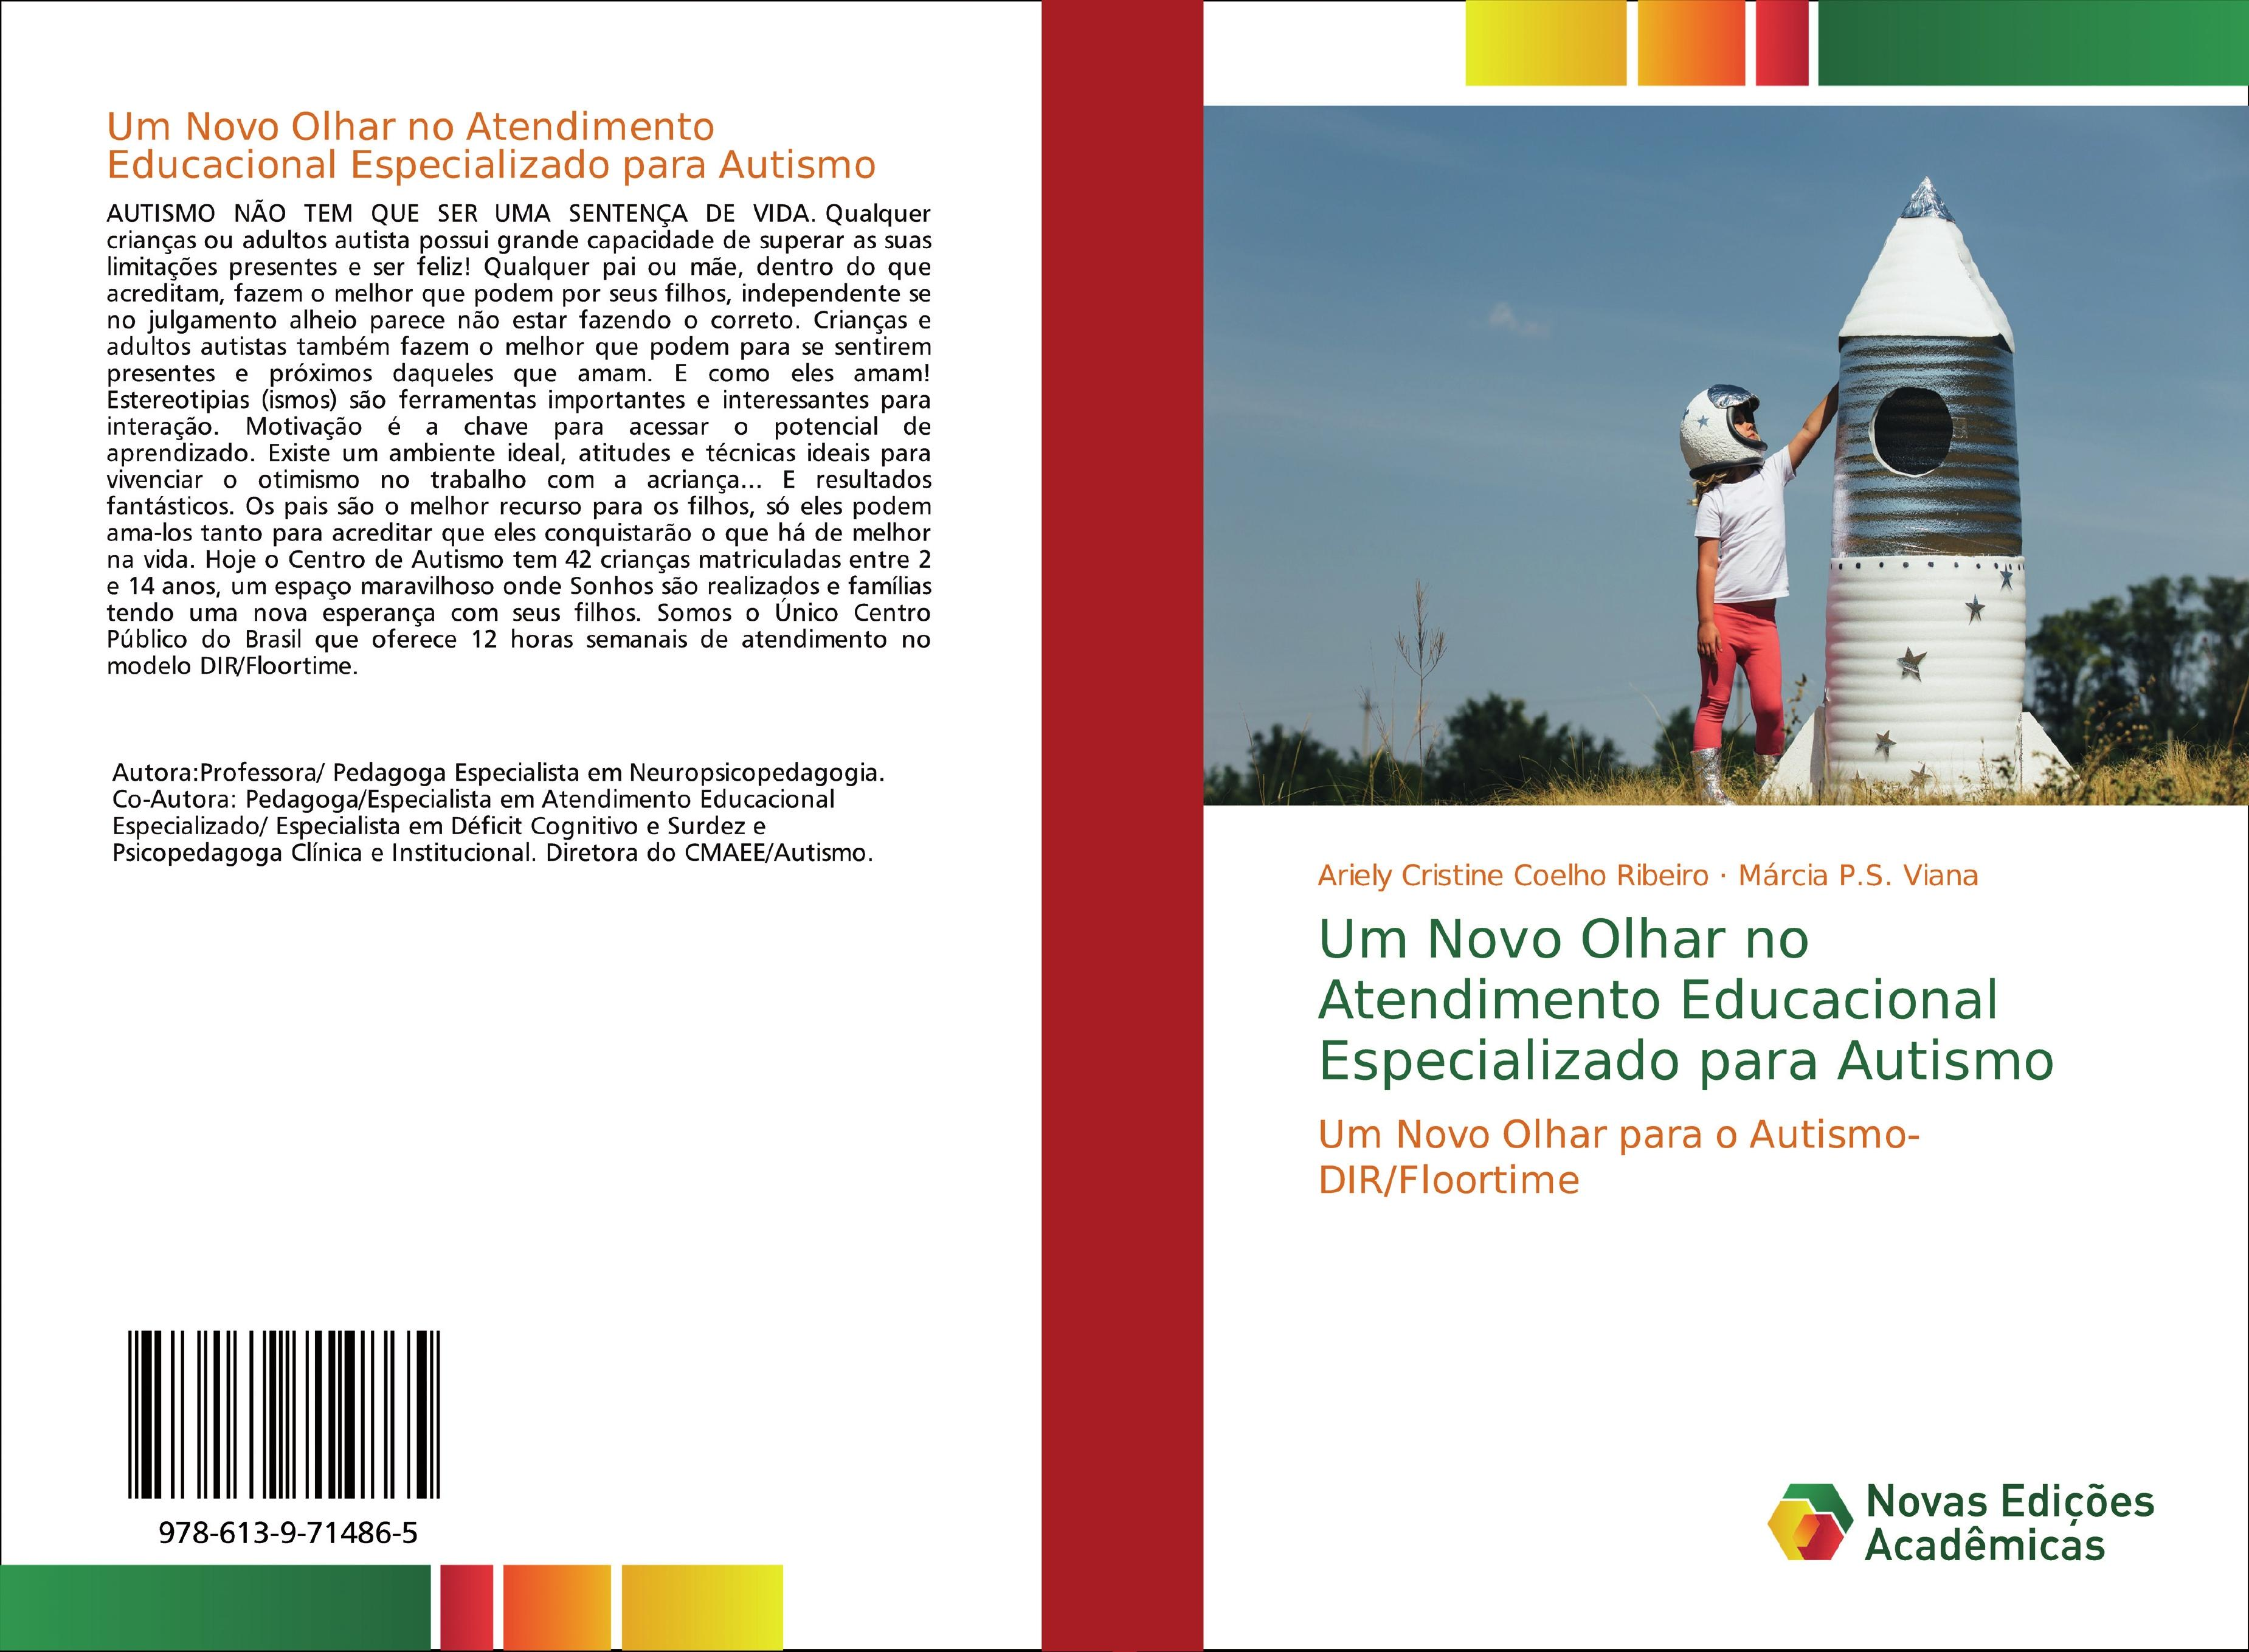 Um Novo Olhar no Atendimento Educacional Especializado para Autismo - Cristine Coelho Ribeiro, Ariely|P.S. Viana, Márcia